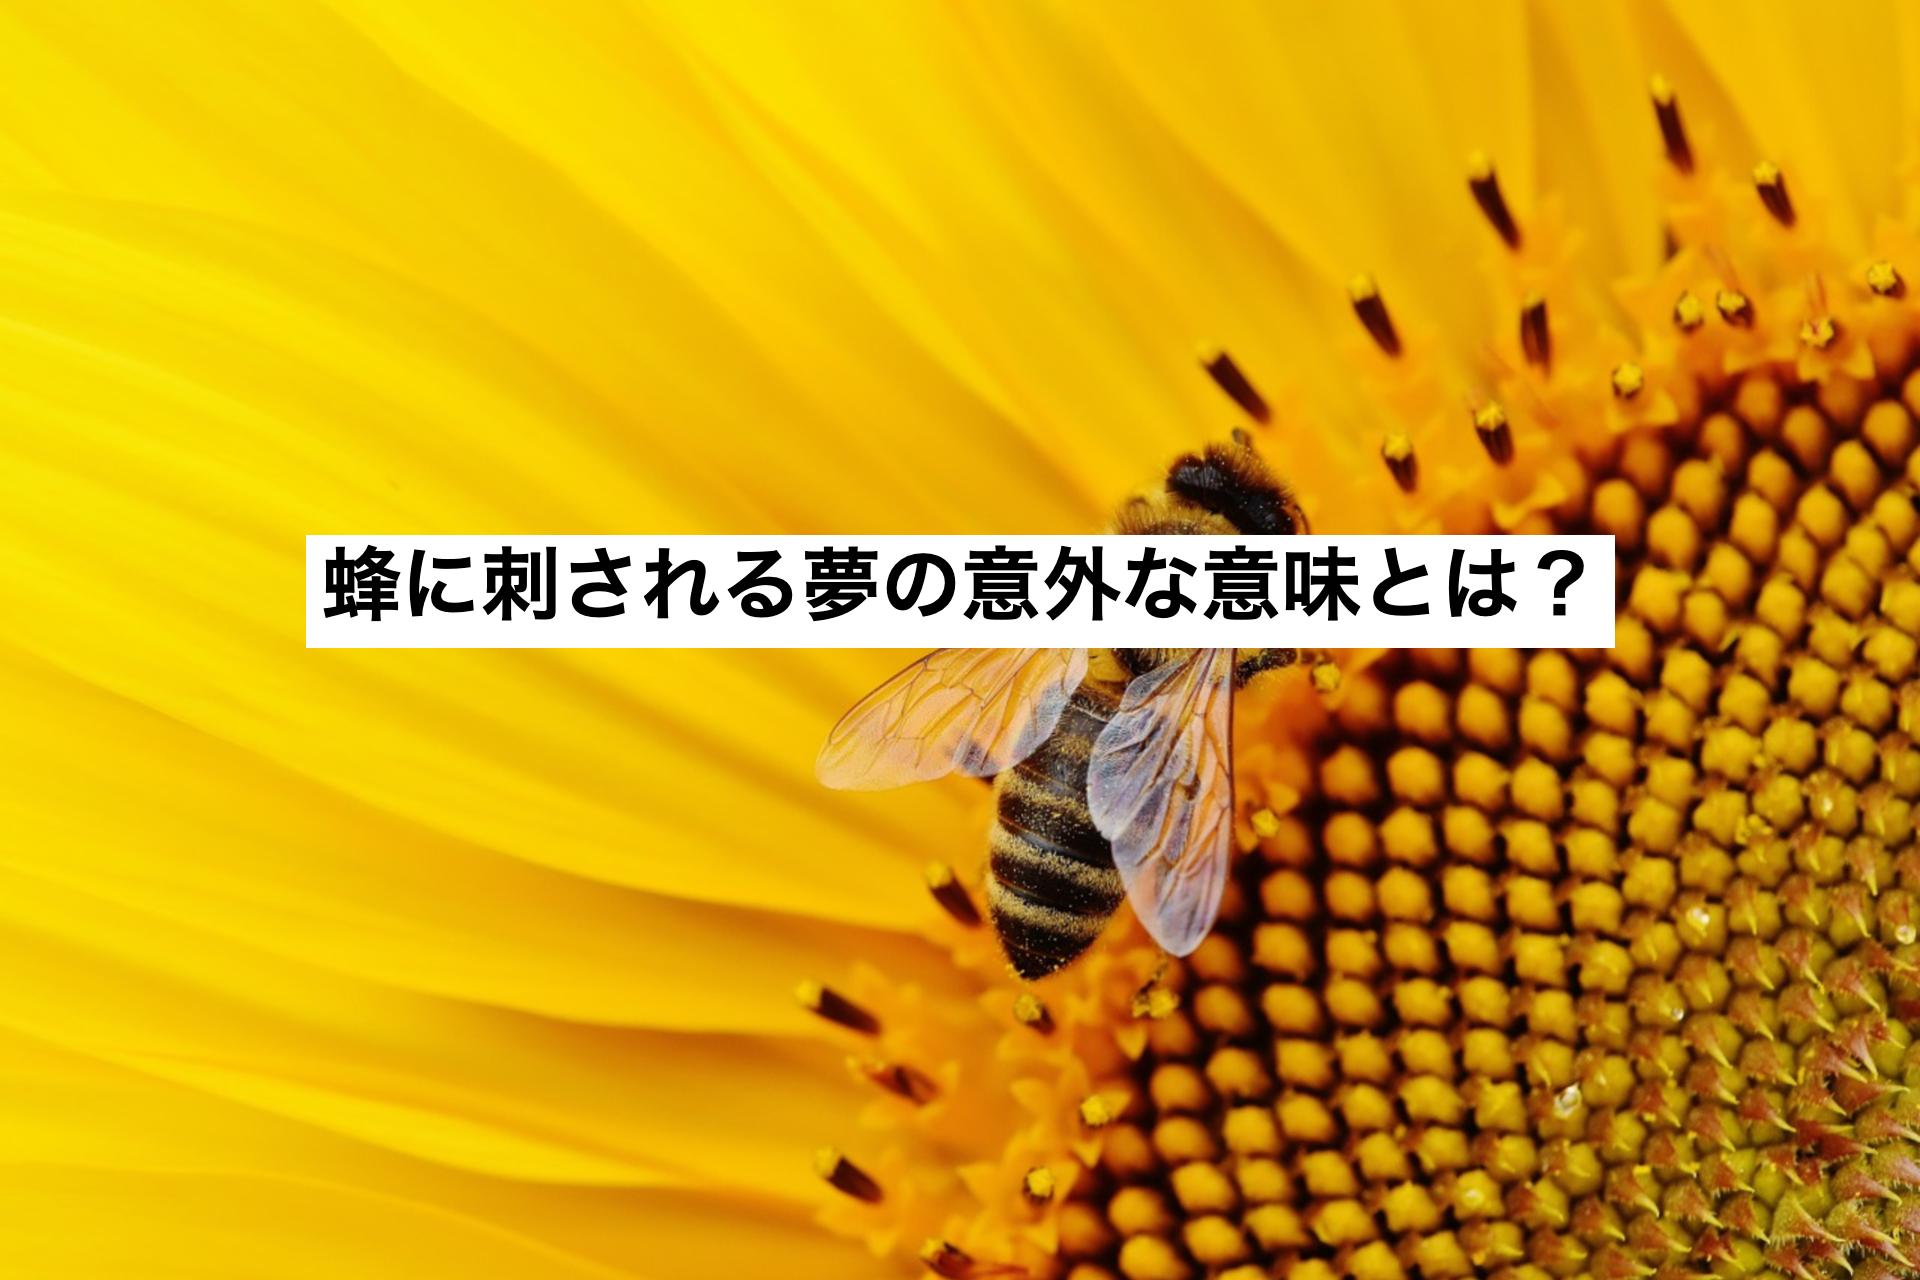 蜂に刺される夢の意外な意味とは?蜂の種類や刺された部位による暗示を解説